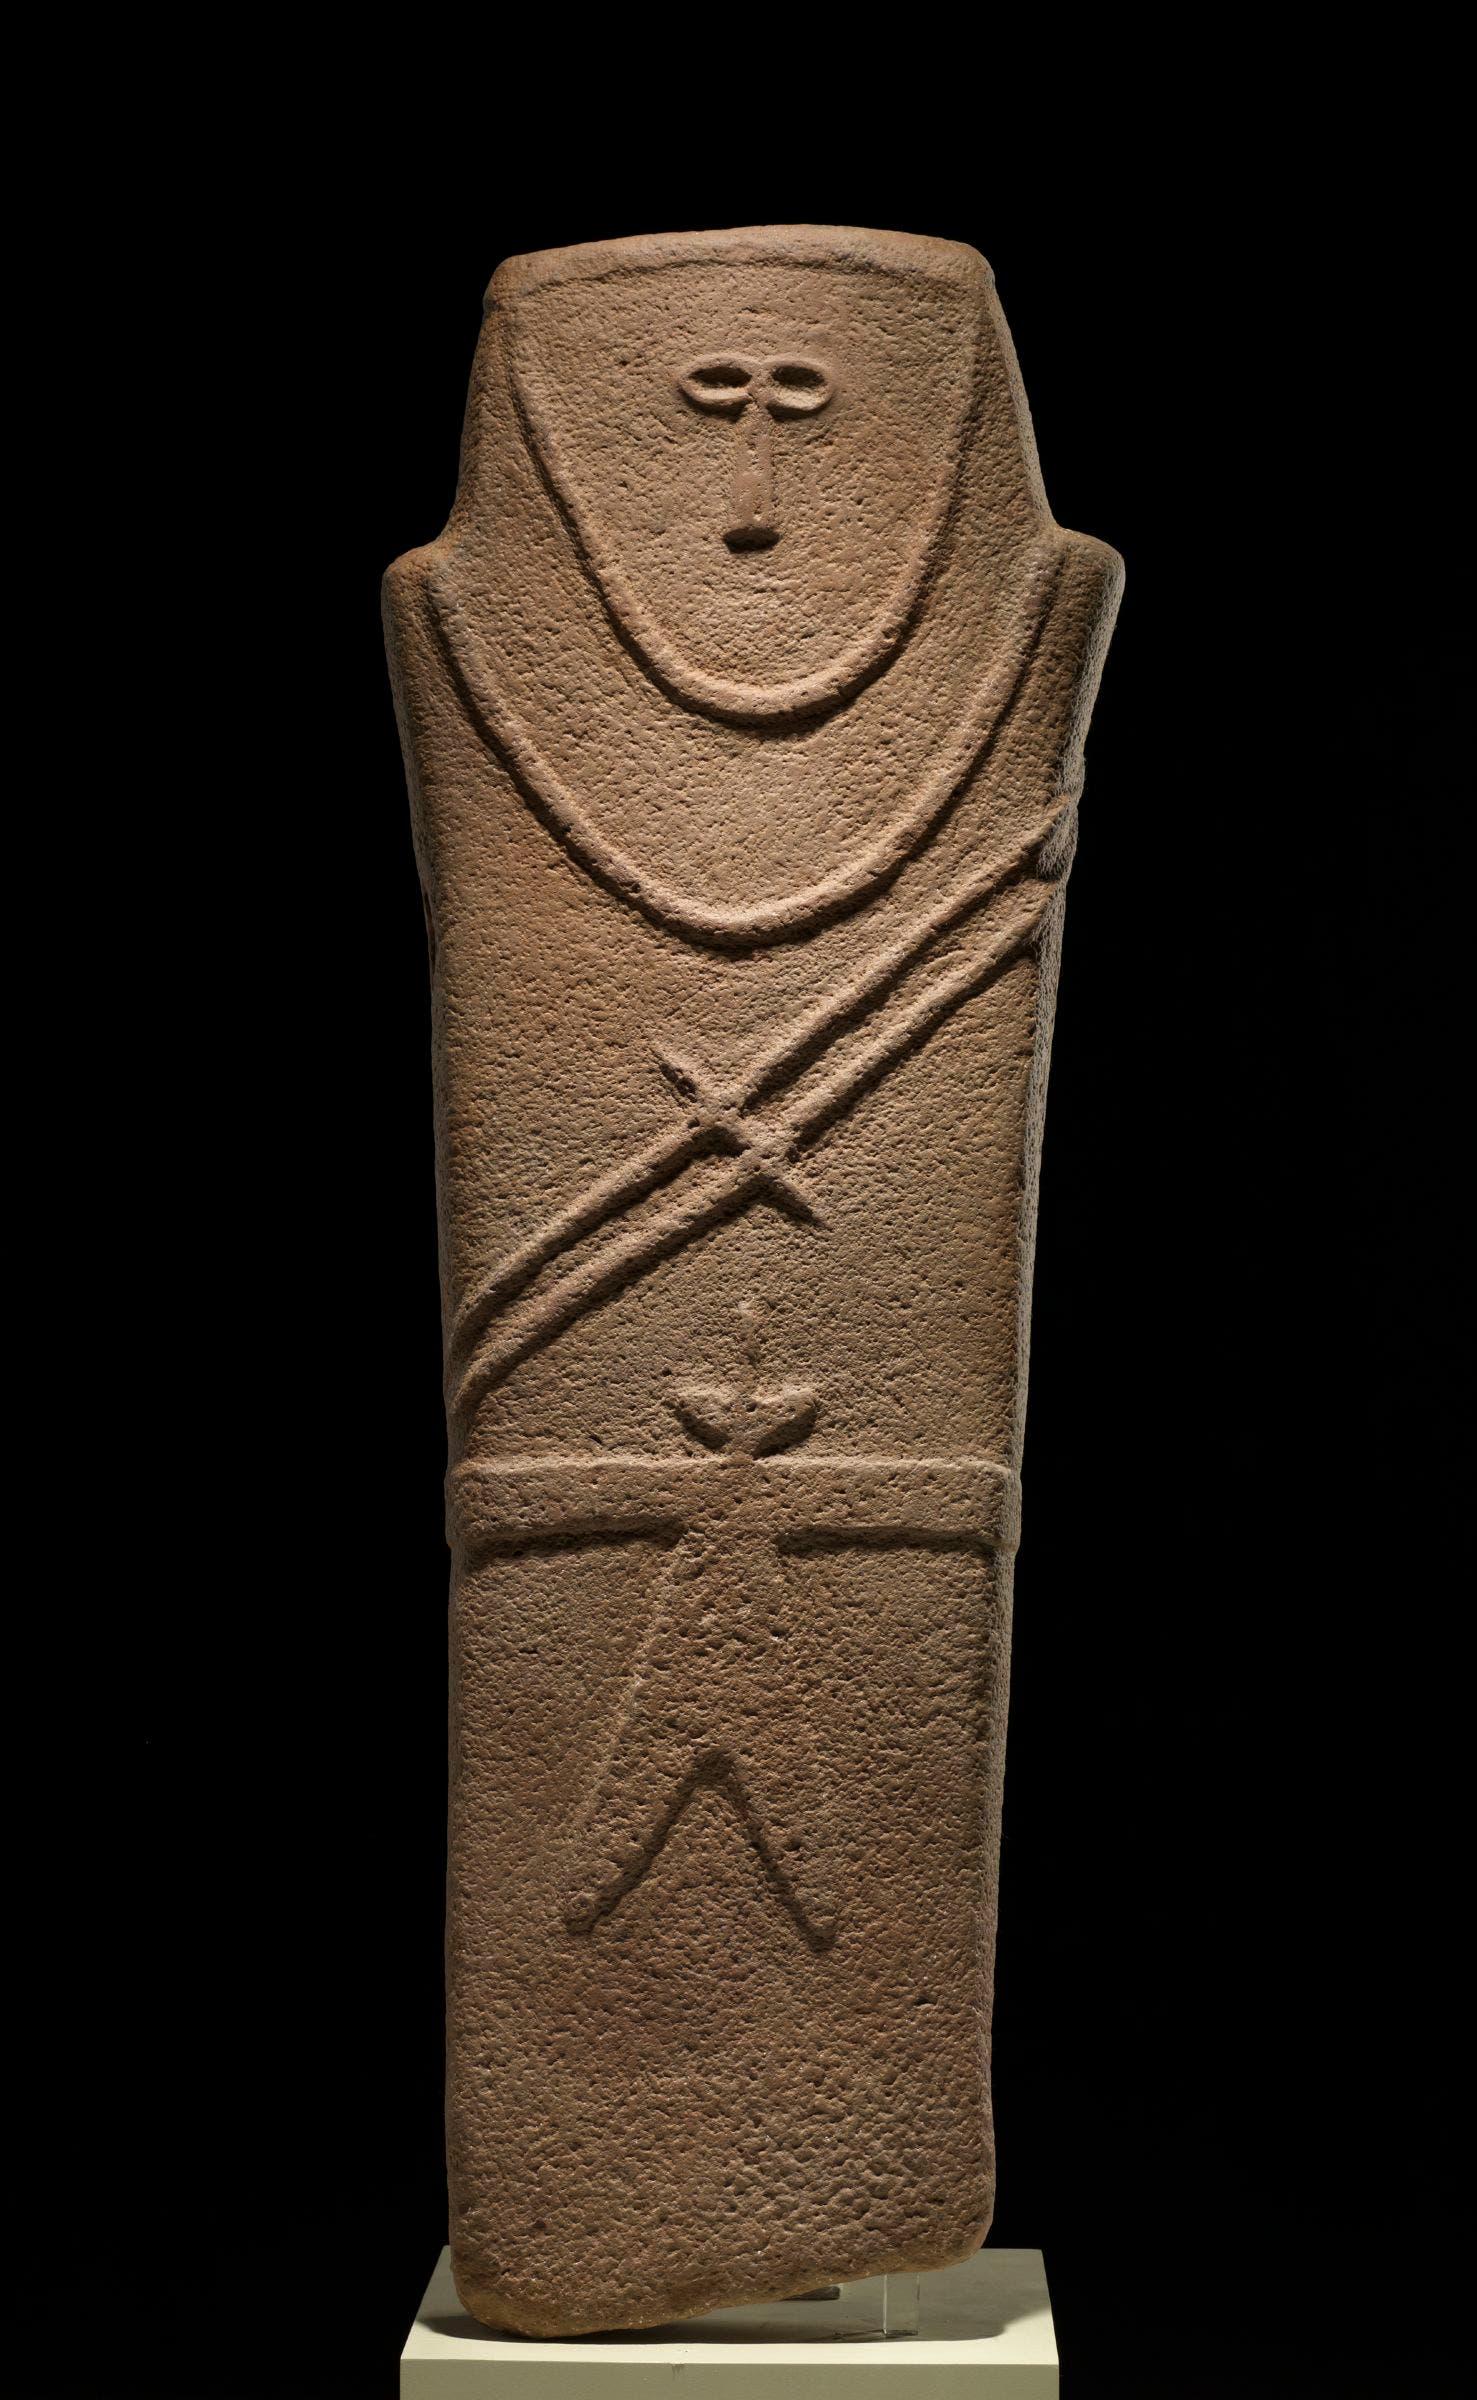 Anthropomorphic Stele, near al-Ula, Madau2019in Saleh, Tayma, Saudi Arabia, 4th millennium BC, sandstone, National Museum, Riyadh